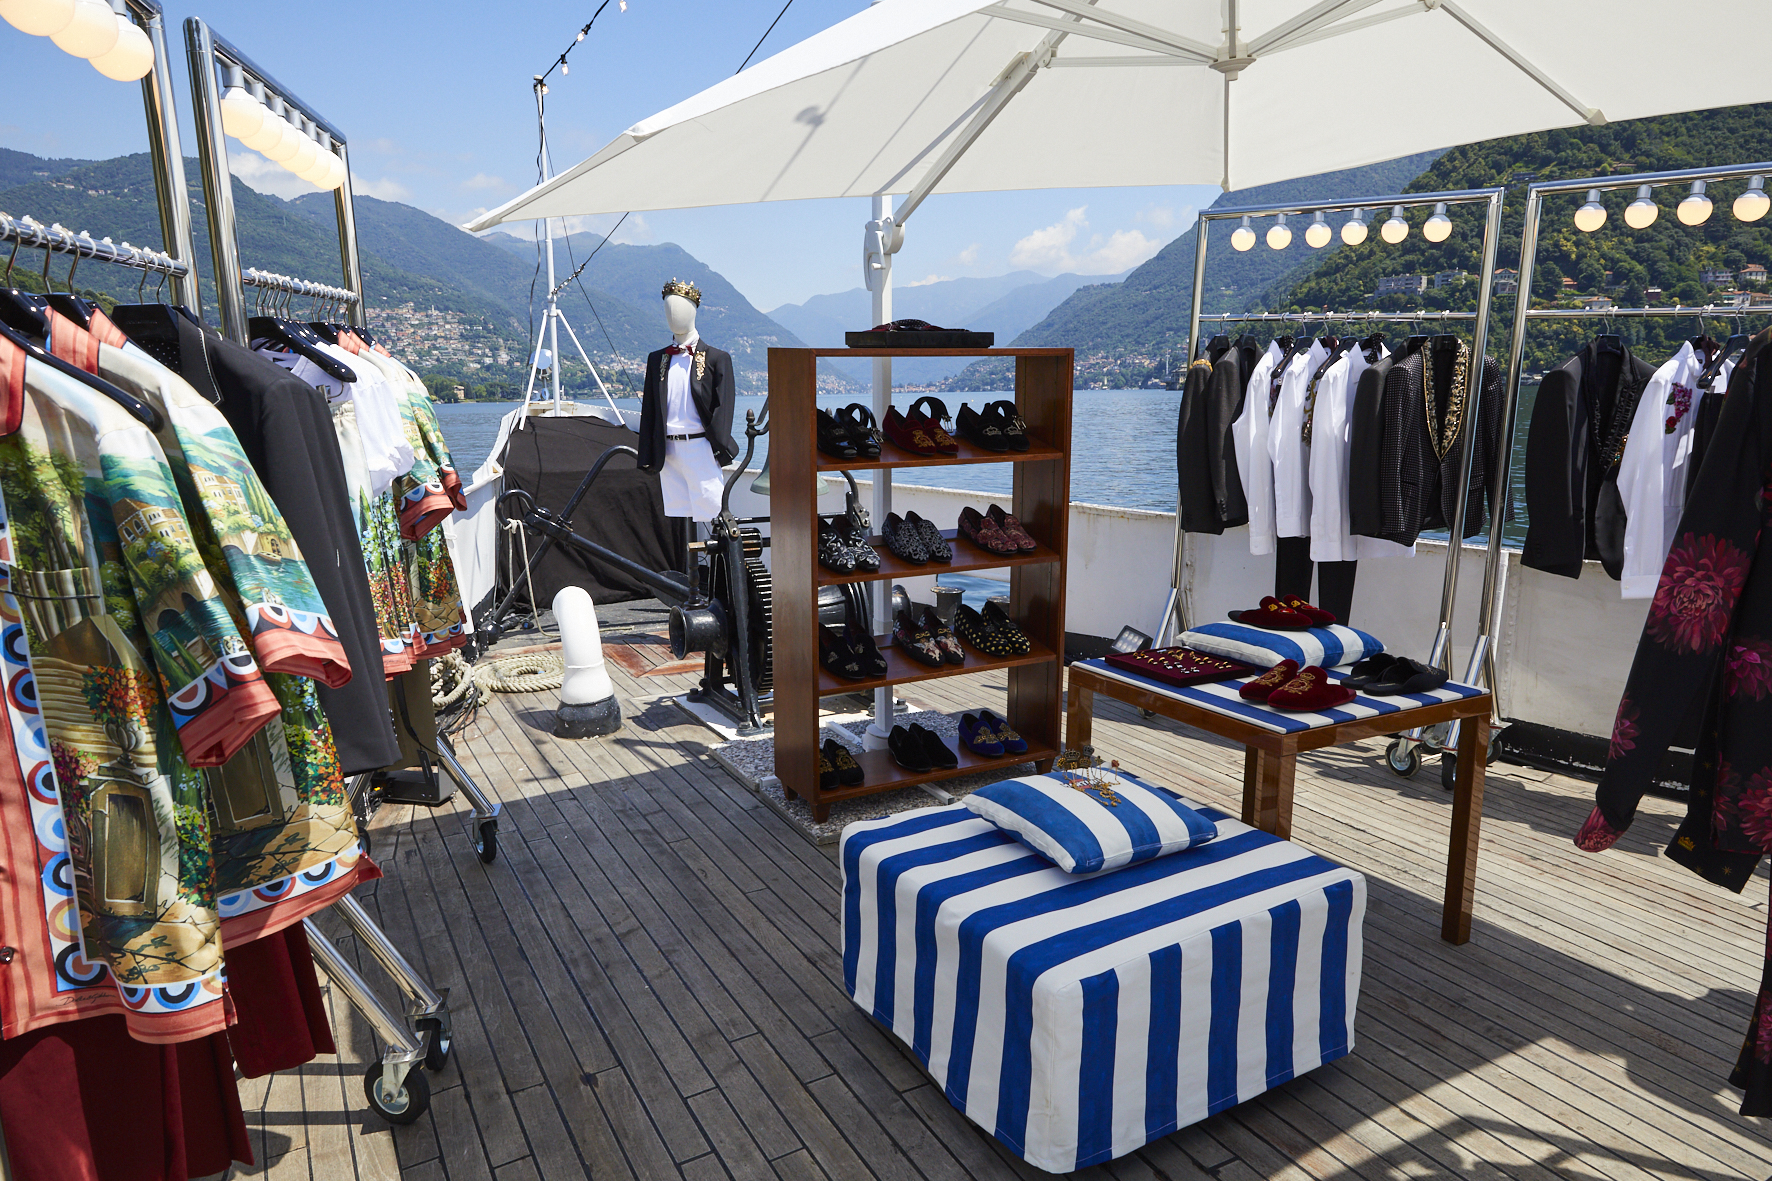 Dolce e Gabbana a Como omaggia il lago con una collezione a tema FOTO -  Giornale di Como b7c4093120f